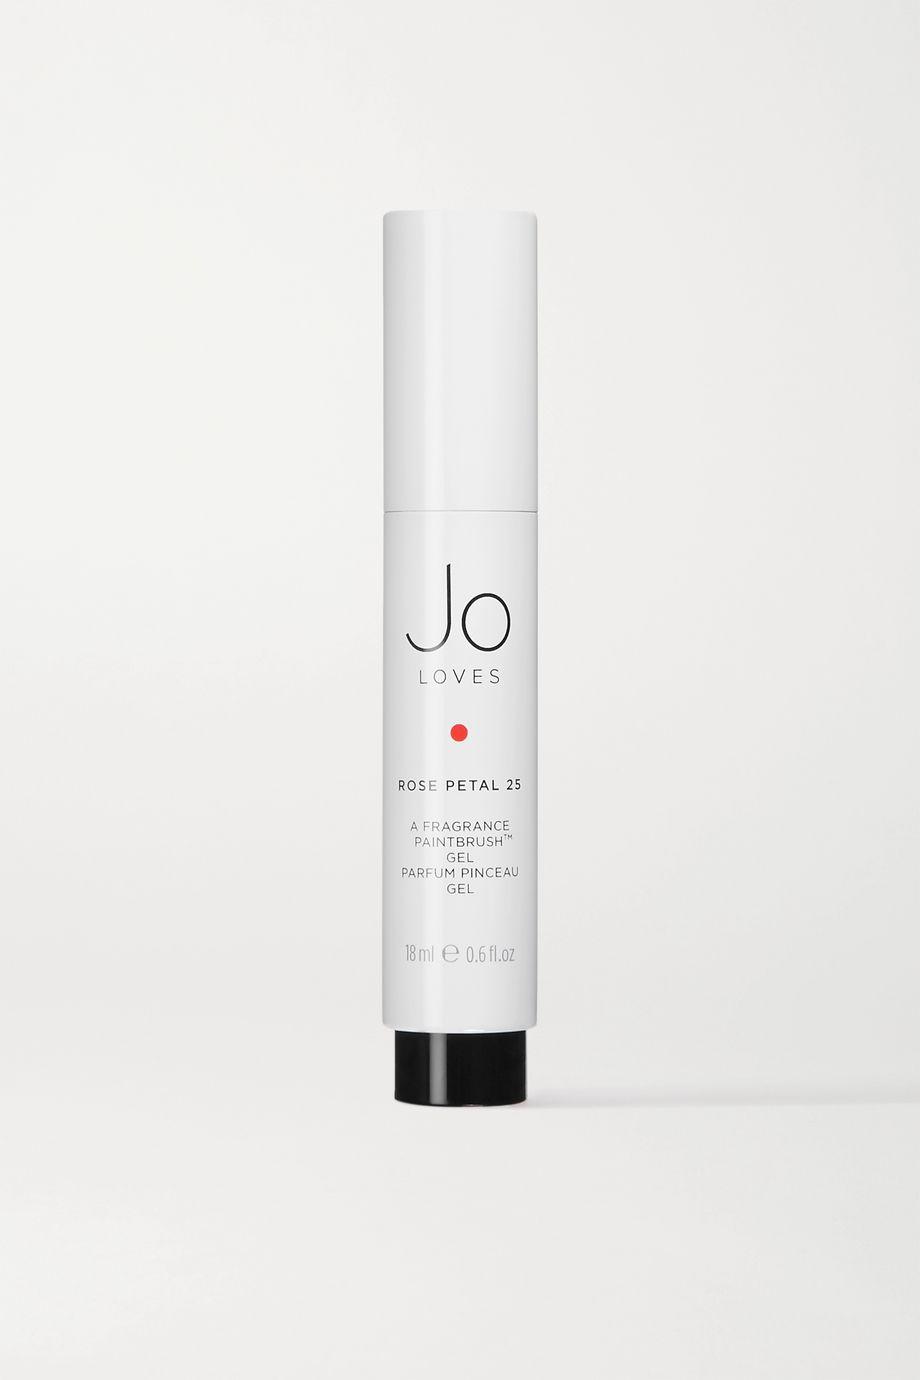 Jo Loves Fragrance Paintbrush - Rose Petal 25